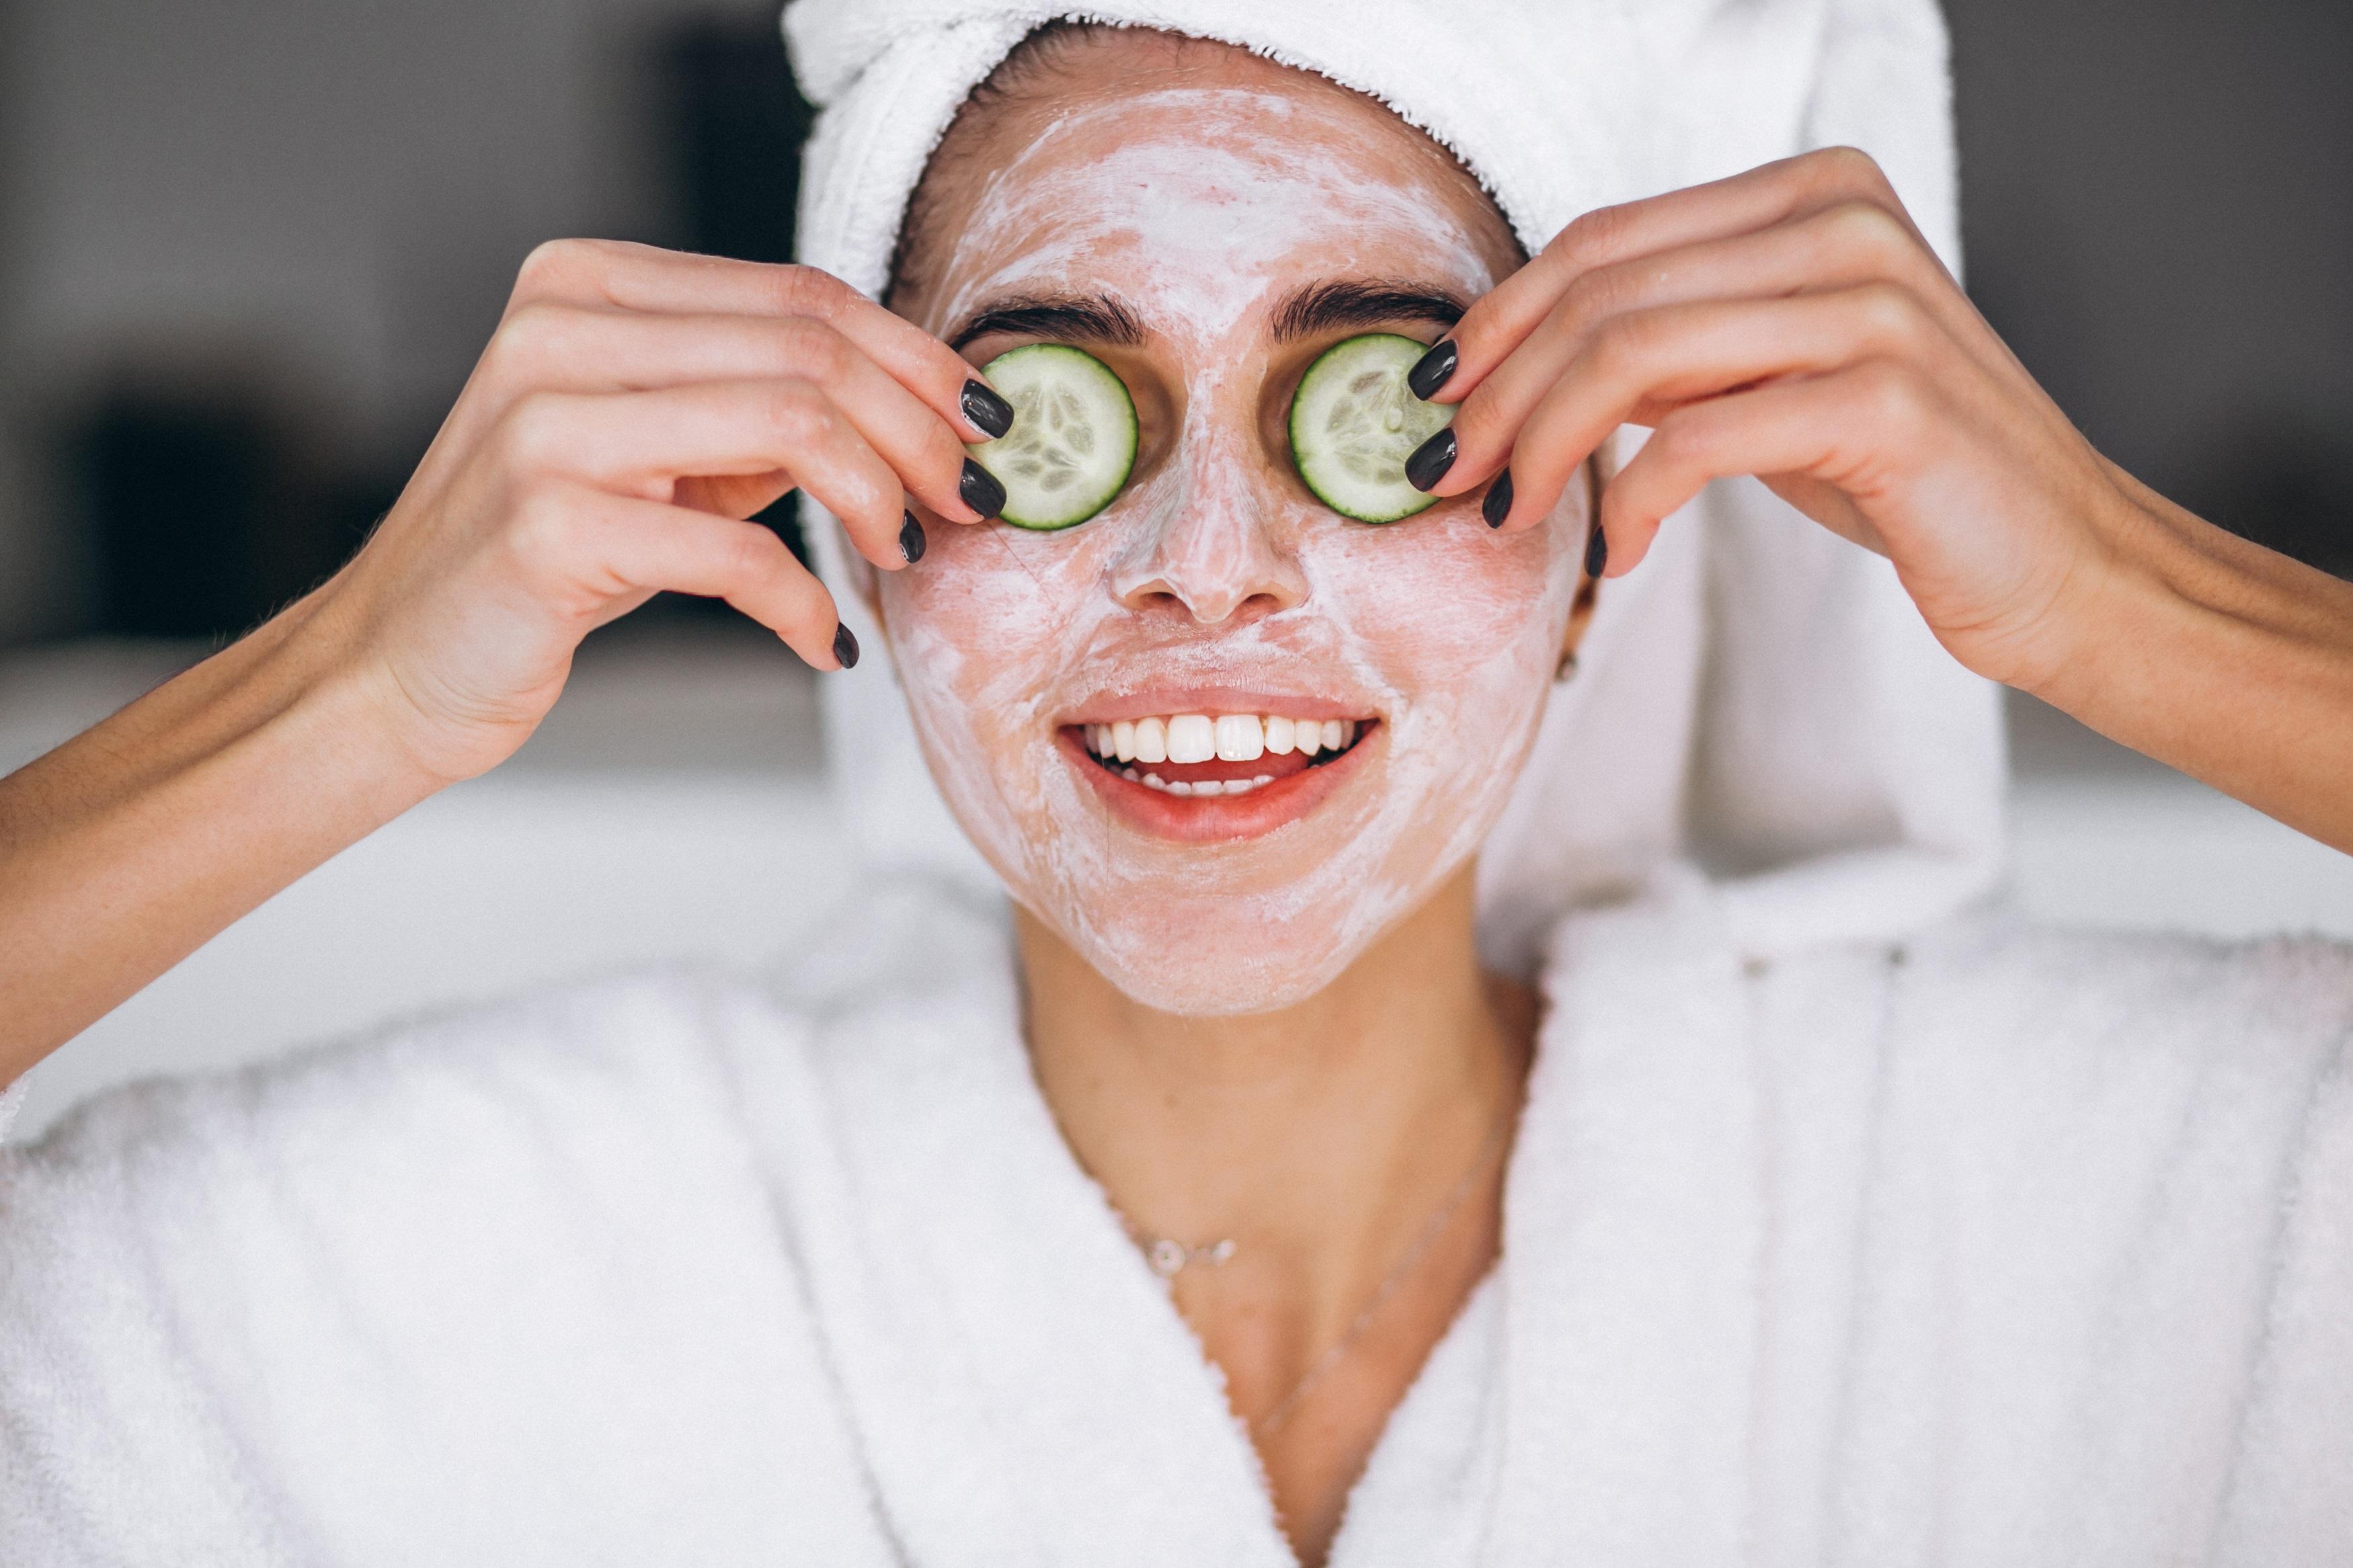 Маска для сухой кожи лица в домашних условиях: питательная, увлажняющая, очищающая